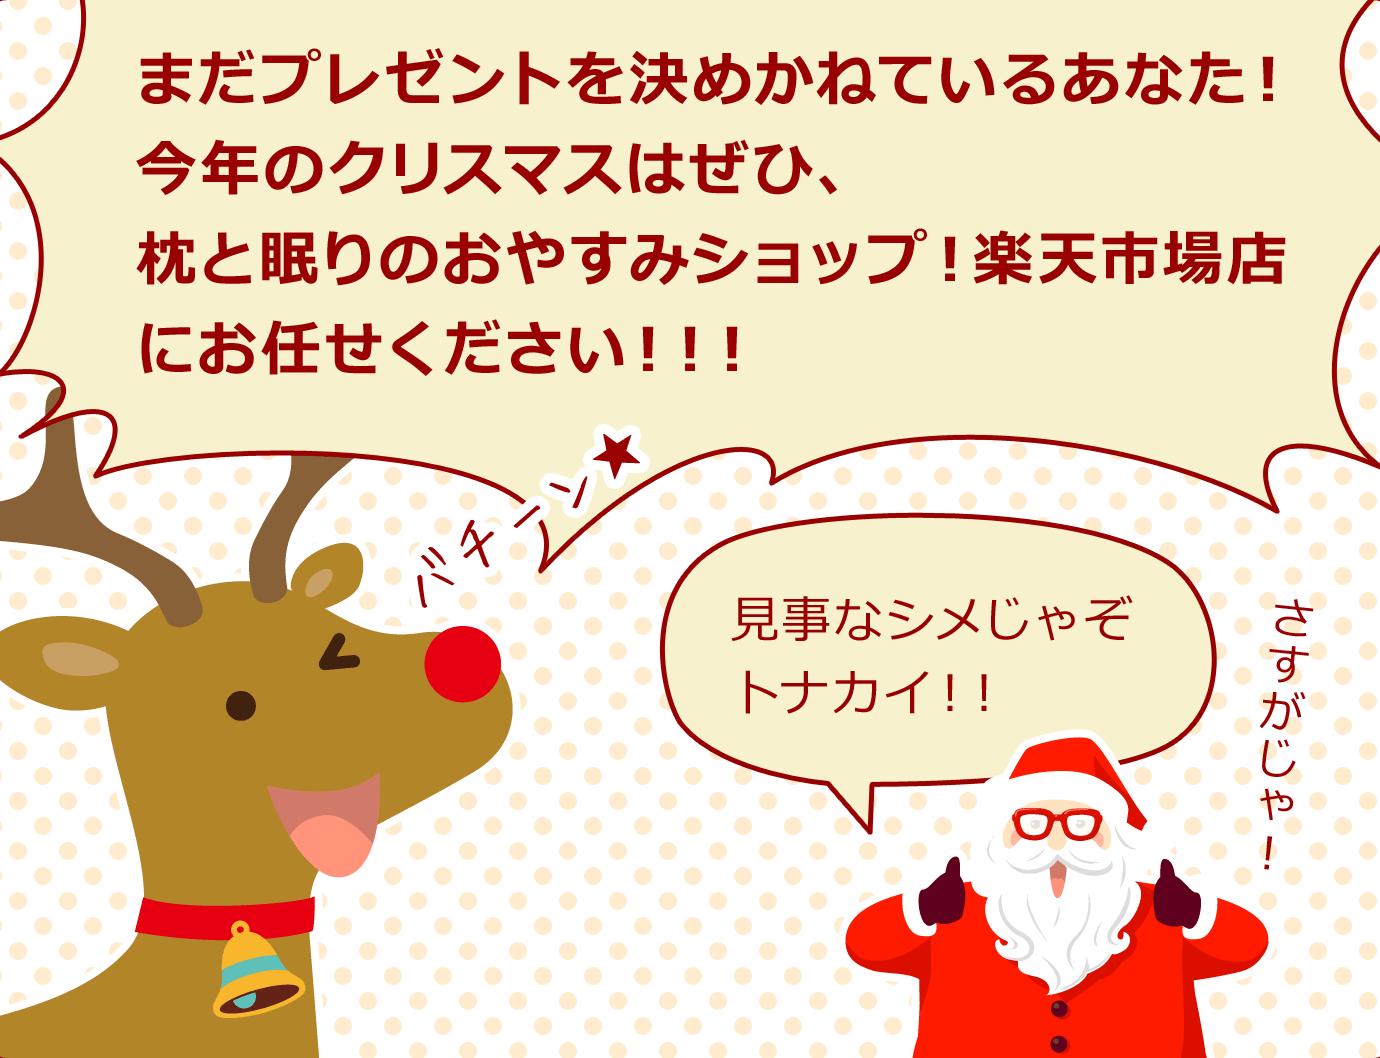 トナカイ「まだプレゼントを決めかねているあなた!今年のクリスマスはぜひ、枕と眠りのおやすみショップ!楽天市場店にお任せください!!!」サンタクロース「見事なシメじゃぞトナカイ!!さすがじゃ!」